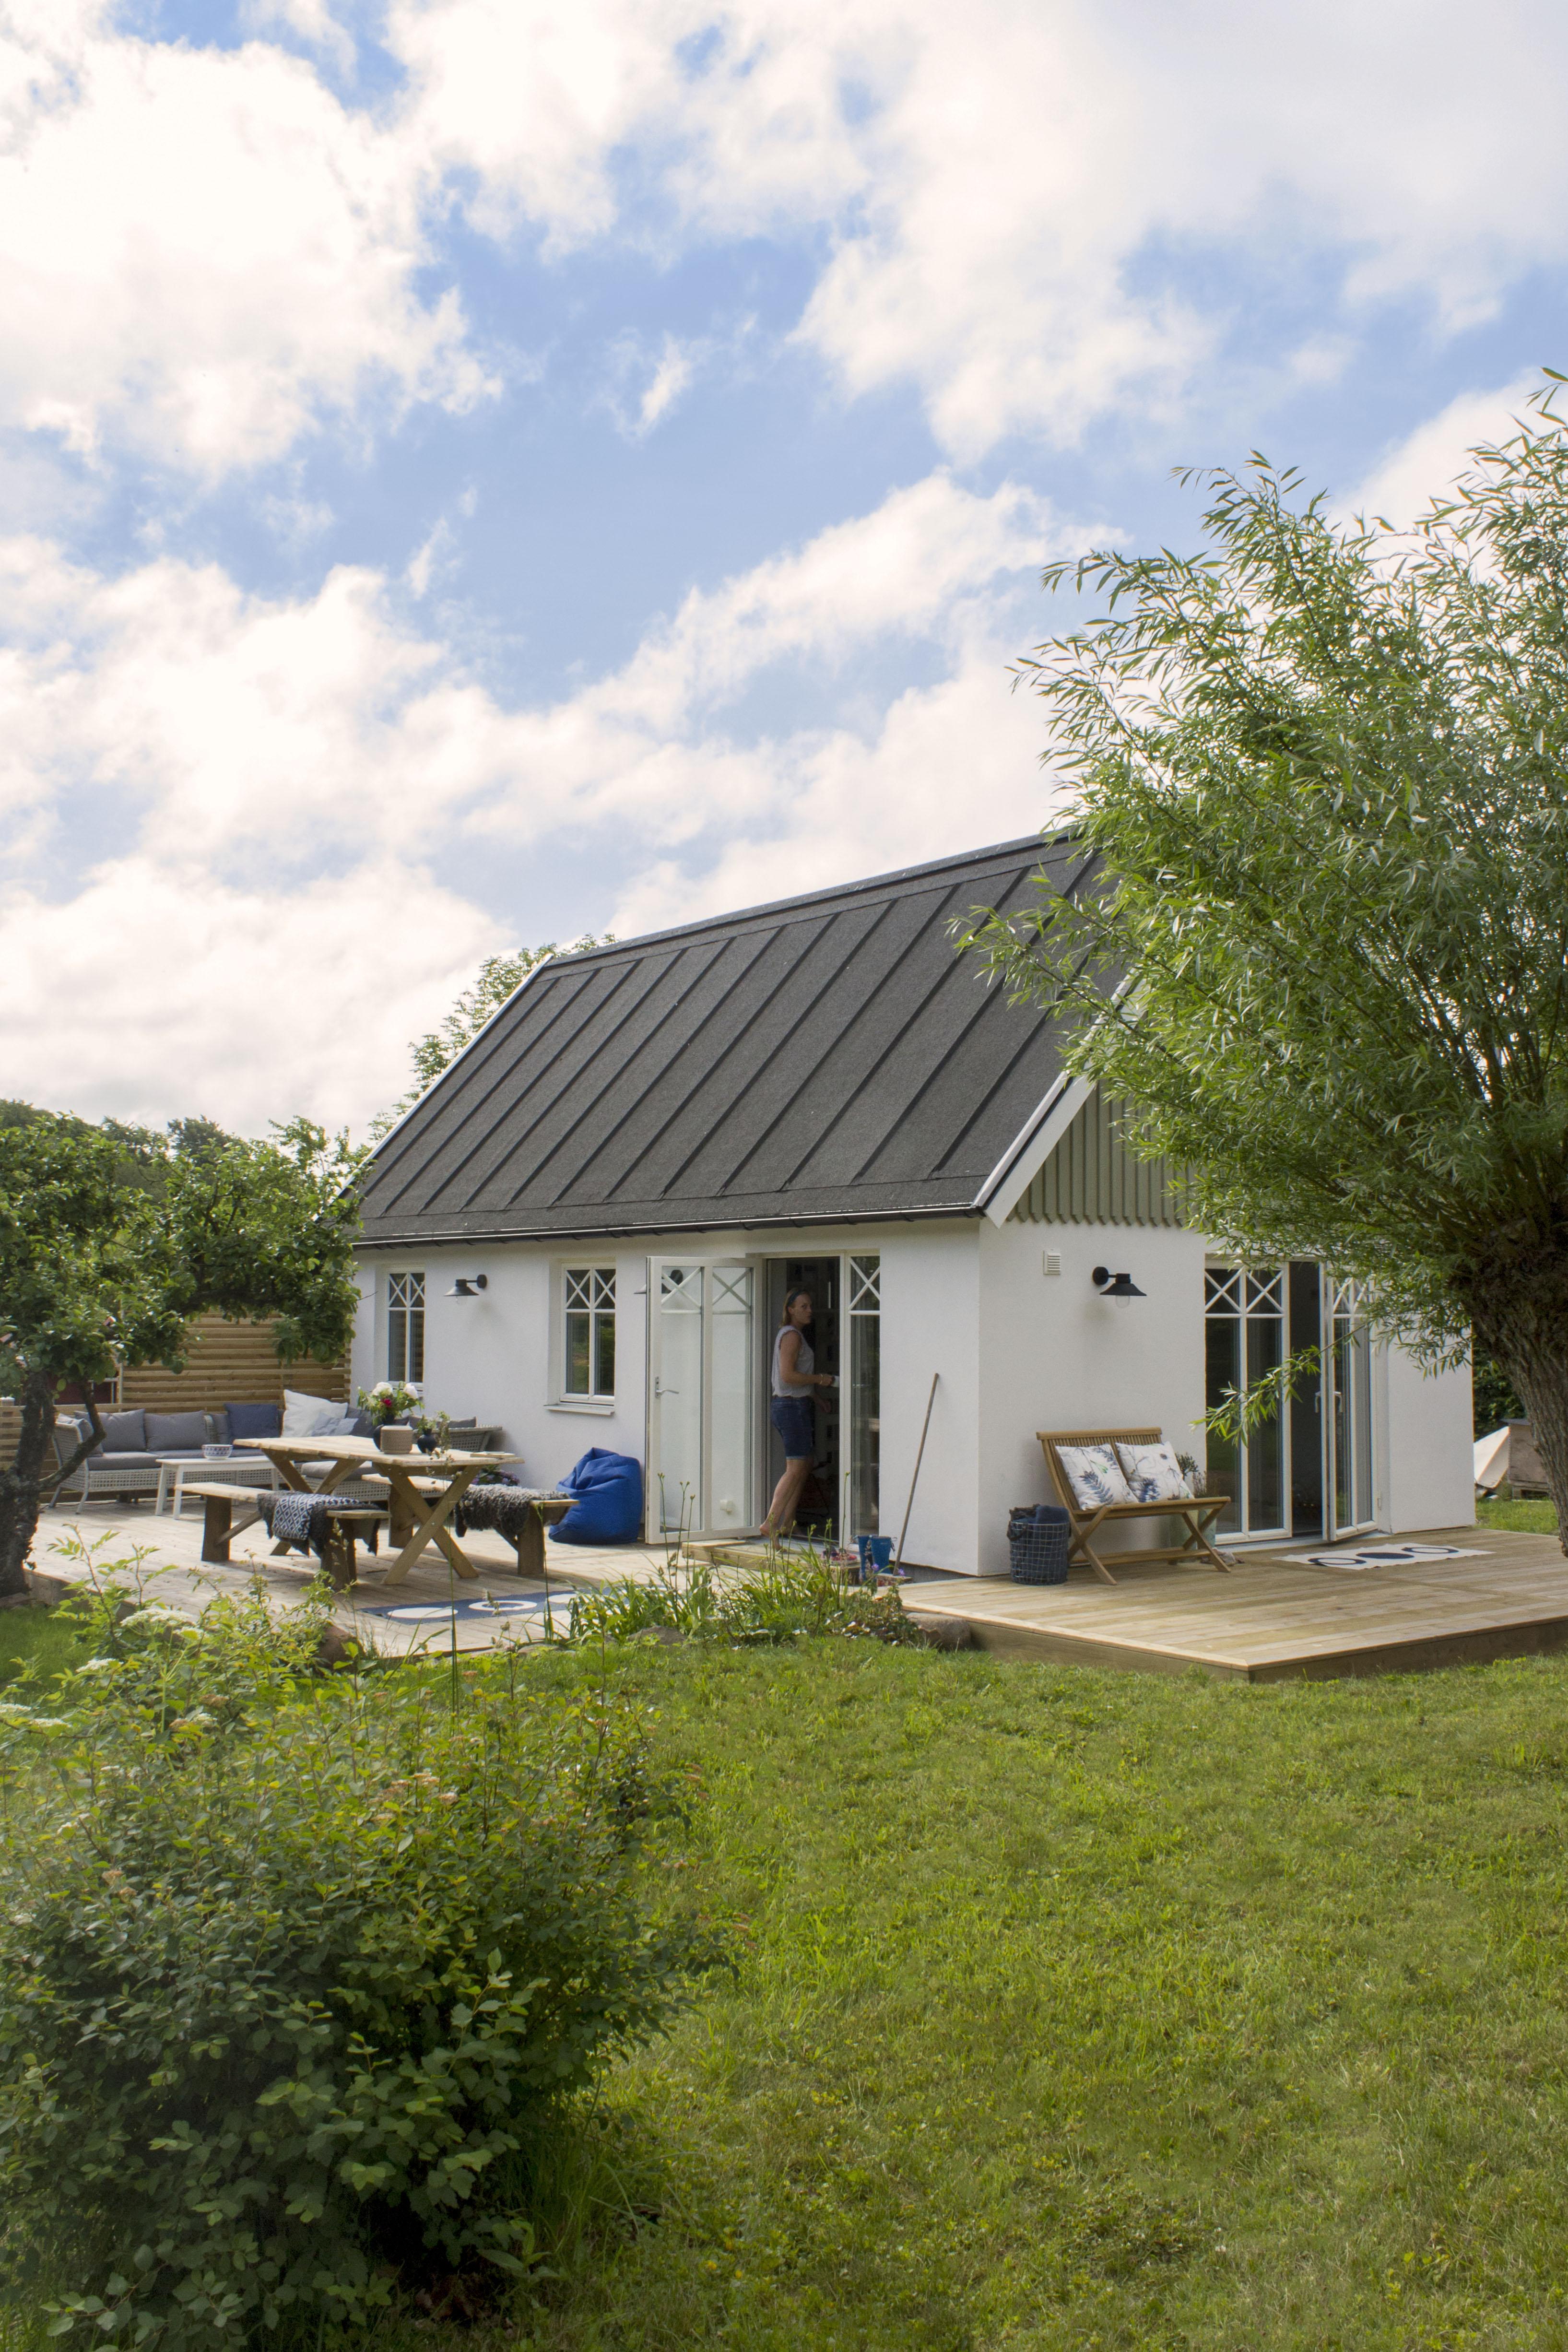 Klikk hjem ditt neste byggeprosjekt fra finja.no 1